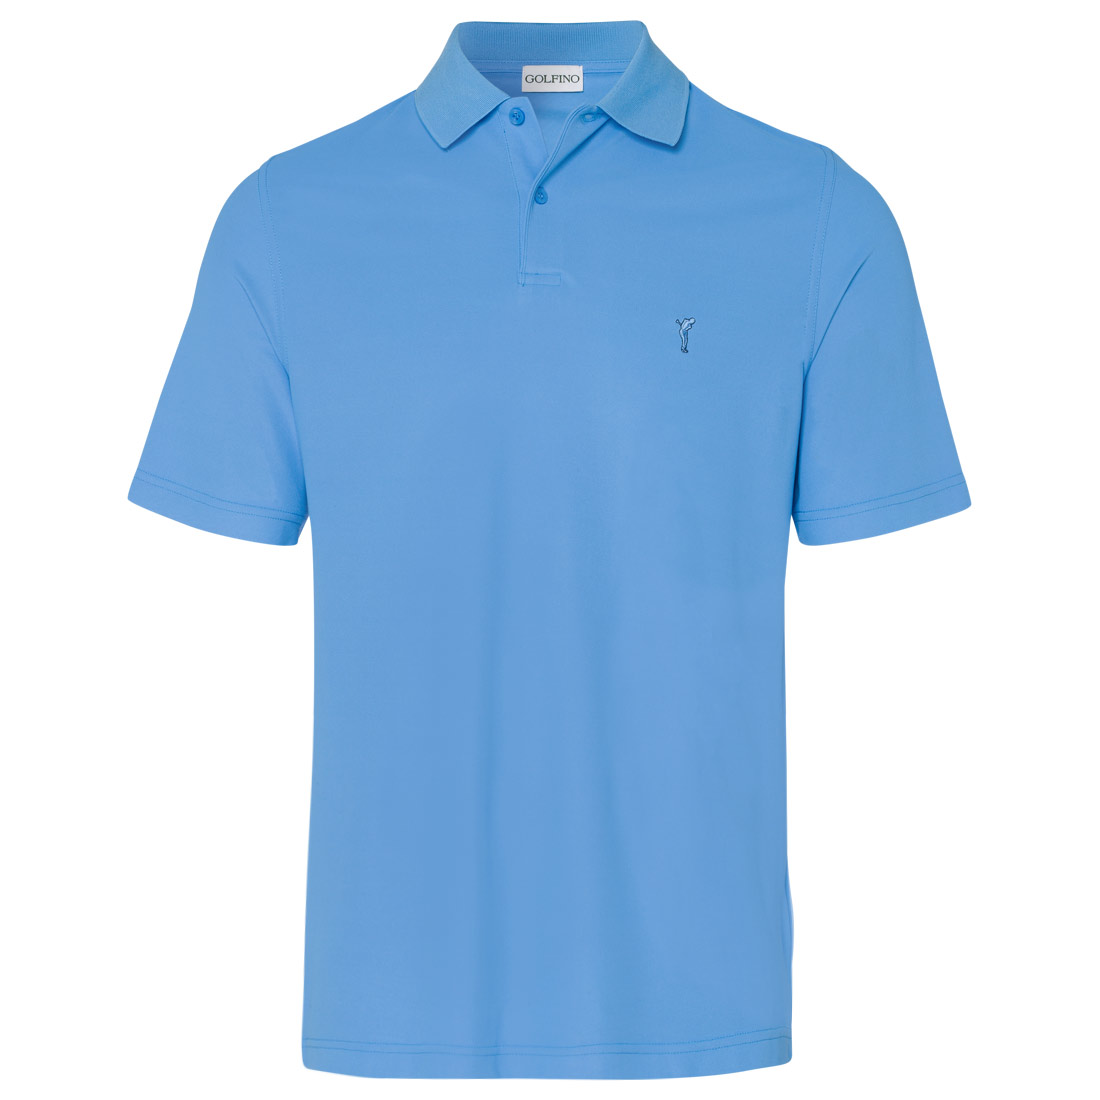 Klassisches Herren Golfpolo aus Dry Comfort Piqué